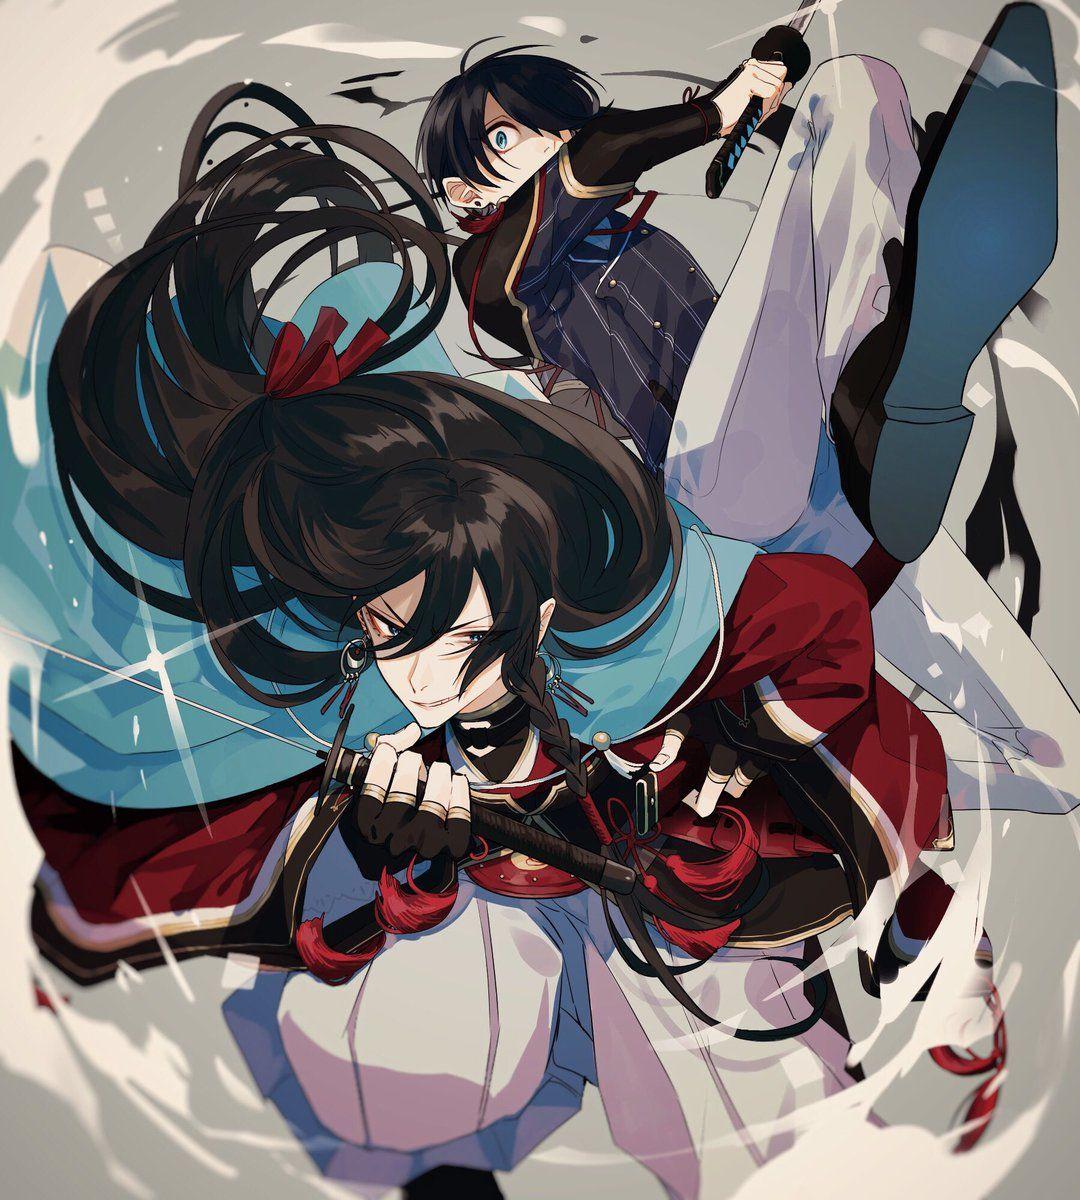 刀剣乱舞兼さんと堀川くんの躍動感ある戦闘イラストとある審神者